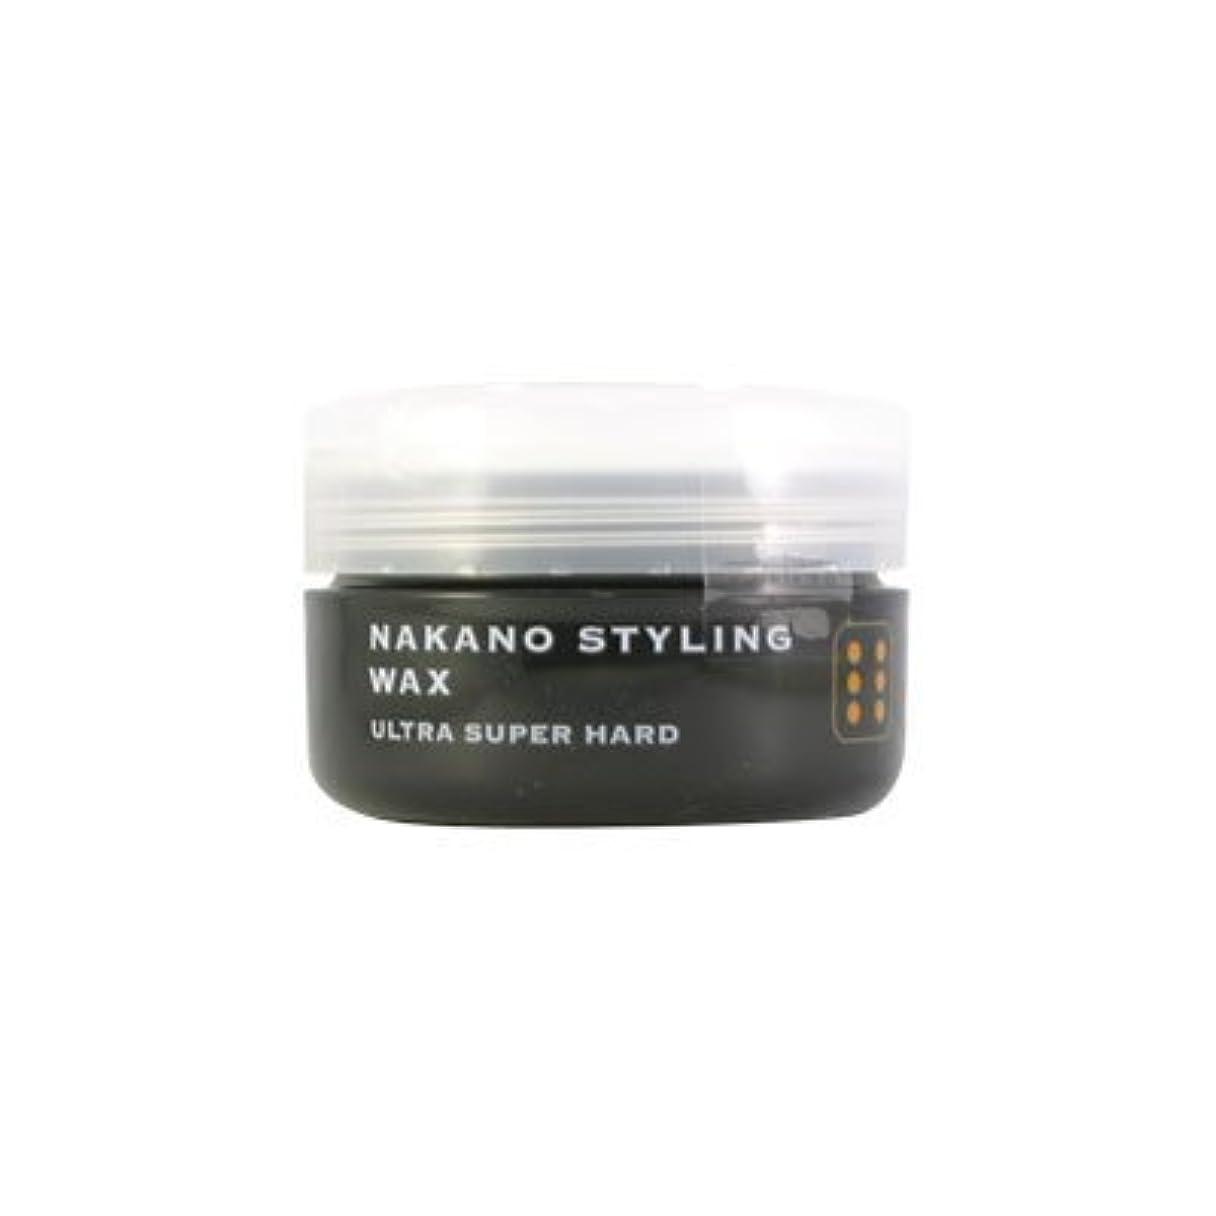 独立承認するハンディナカノ スタイリングワックス 6 ウルトラスーパーハード 90g 中野製薬 NAKANO